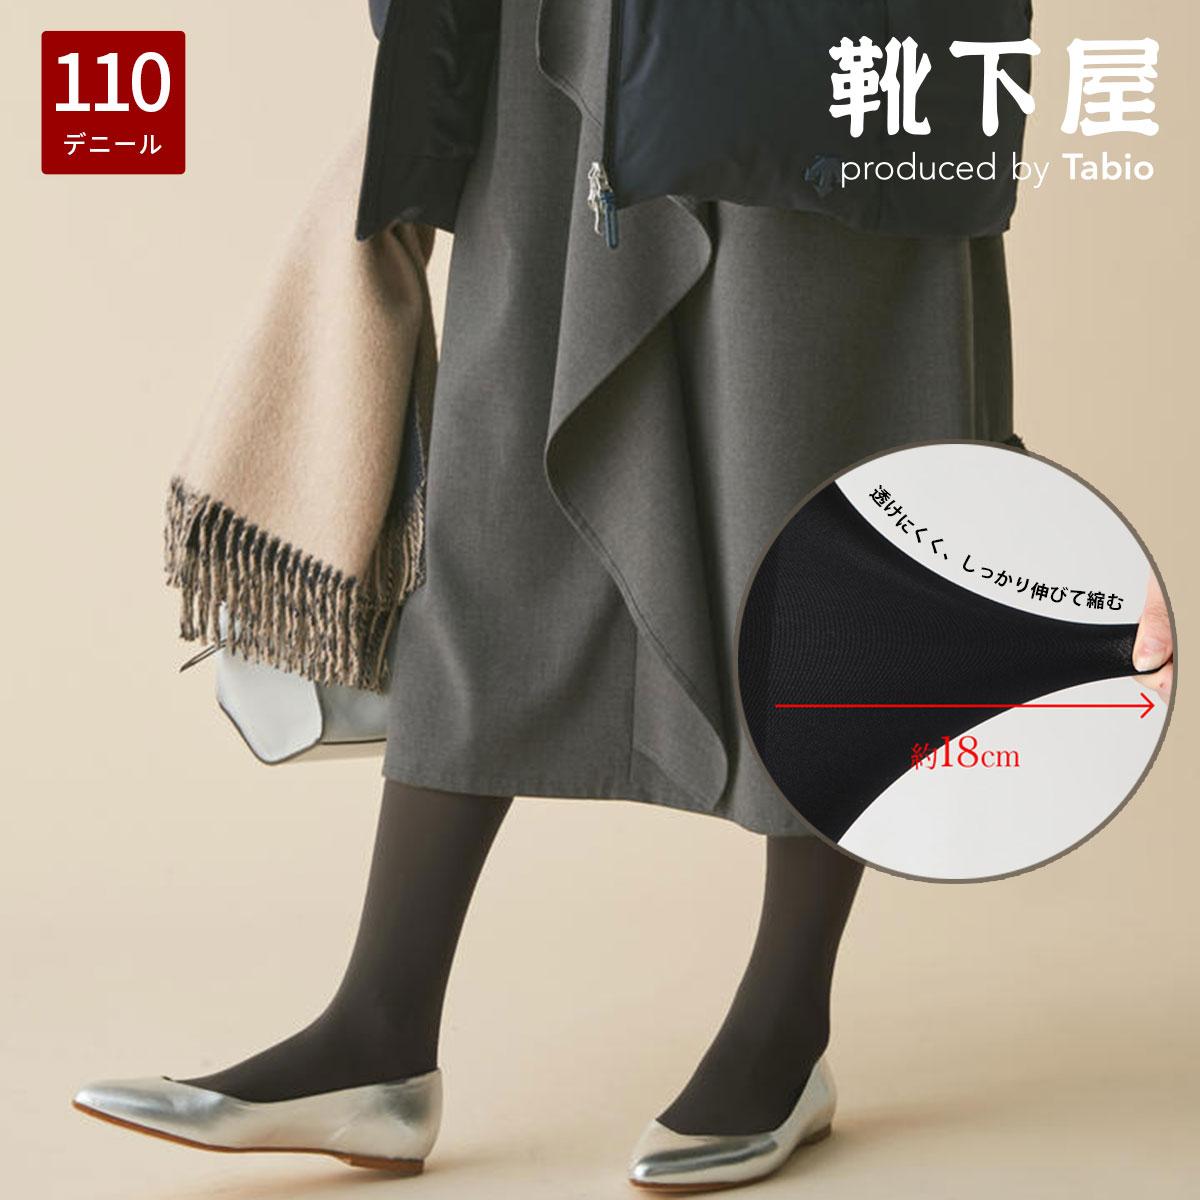 【靴下屋】 ◆プレミアム◆110デニールタイツ / 靴下 タビオ Tabio くつ下 レディース 日本製